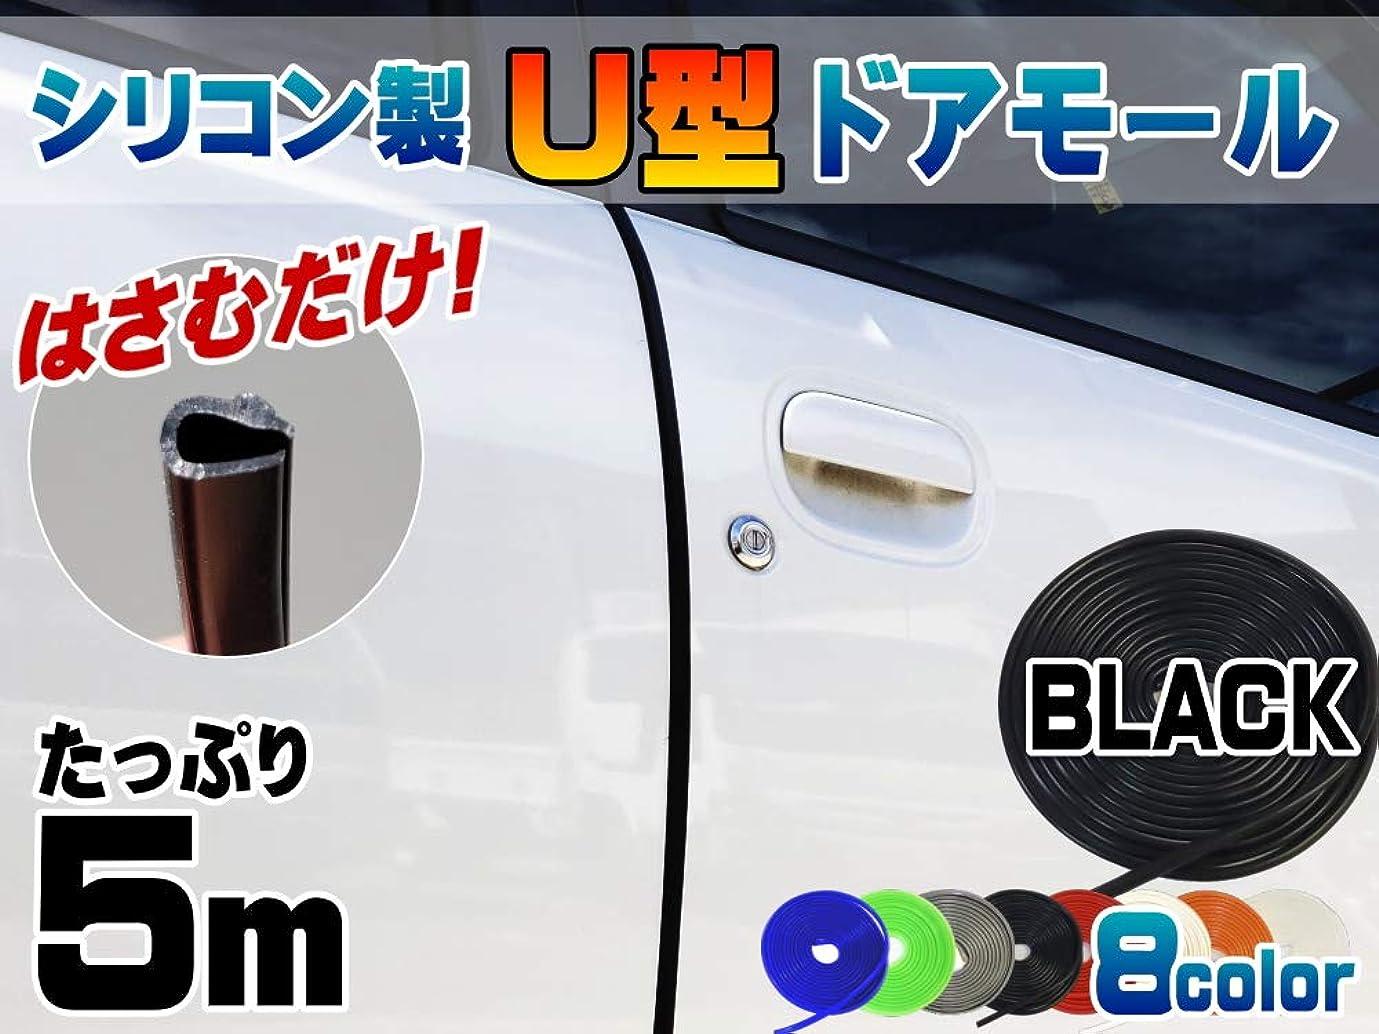 緩やかな端満足できるLoobani 車用ドアモール ウェザーストリップ 静音 風切り音遮断 ブラック 約13mmx5mmx5m 2巻入り 10m B型